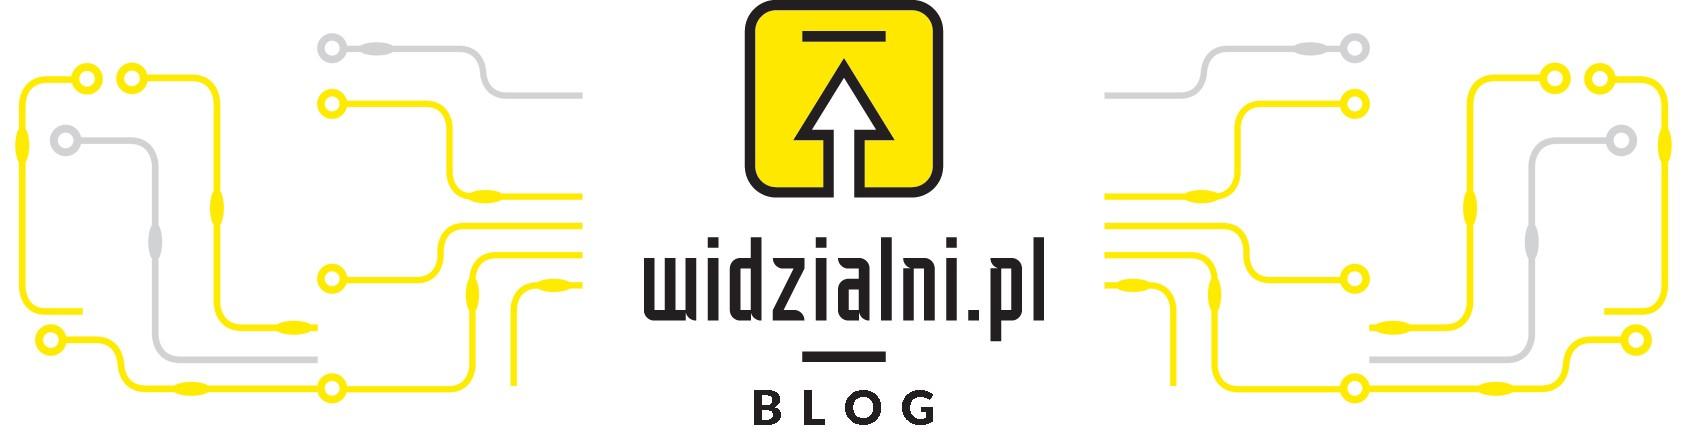 Blog widzialni.pl